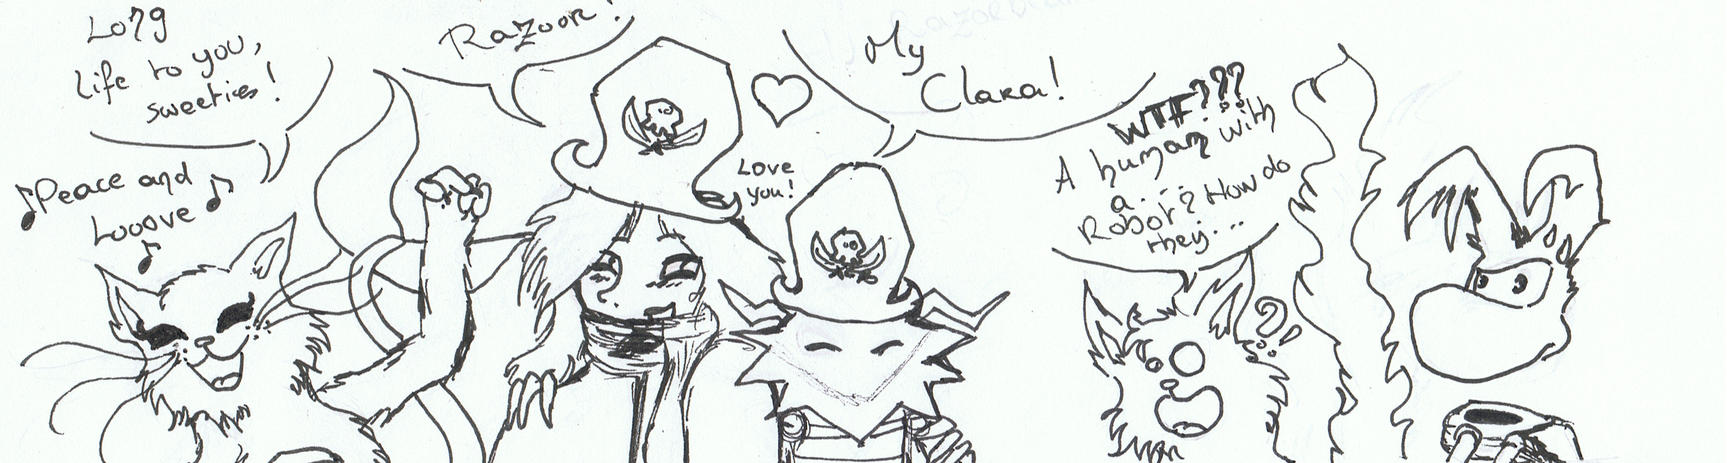 ClaraAndRazor4Ever--contest by theBloodRaven